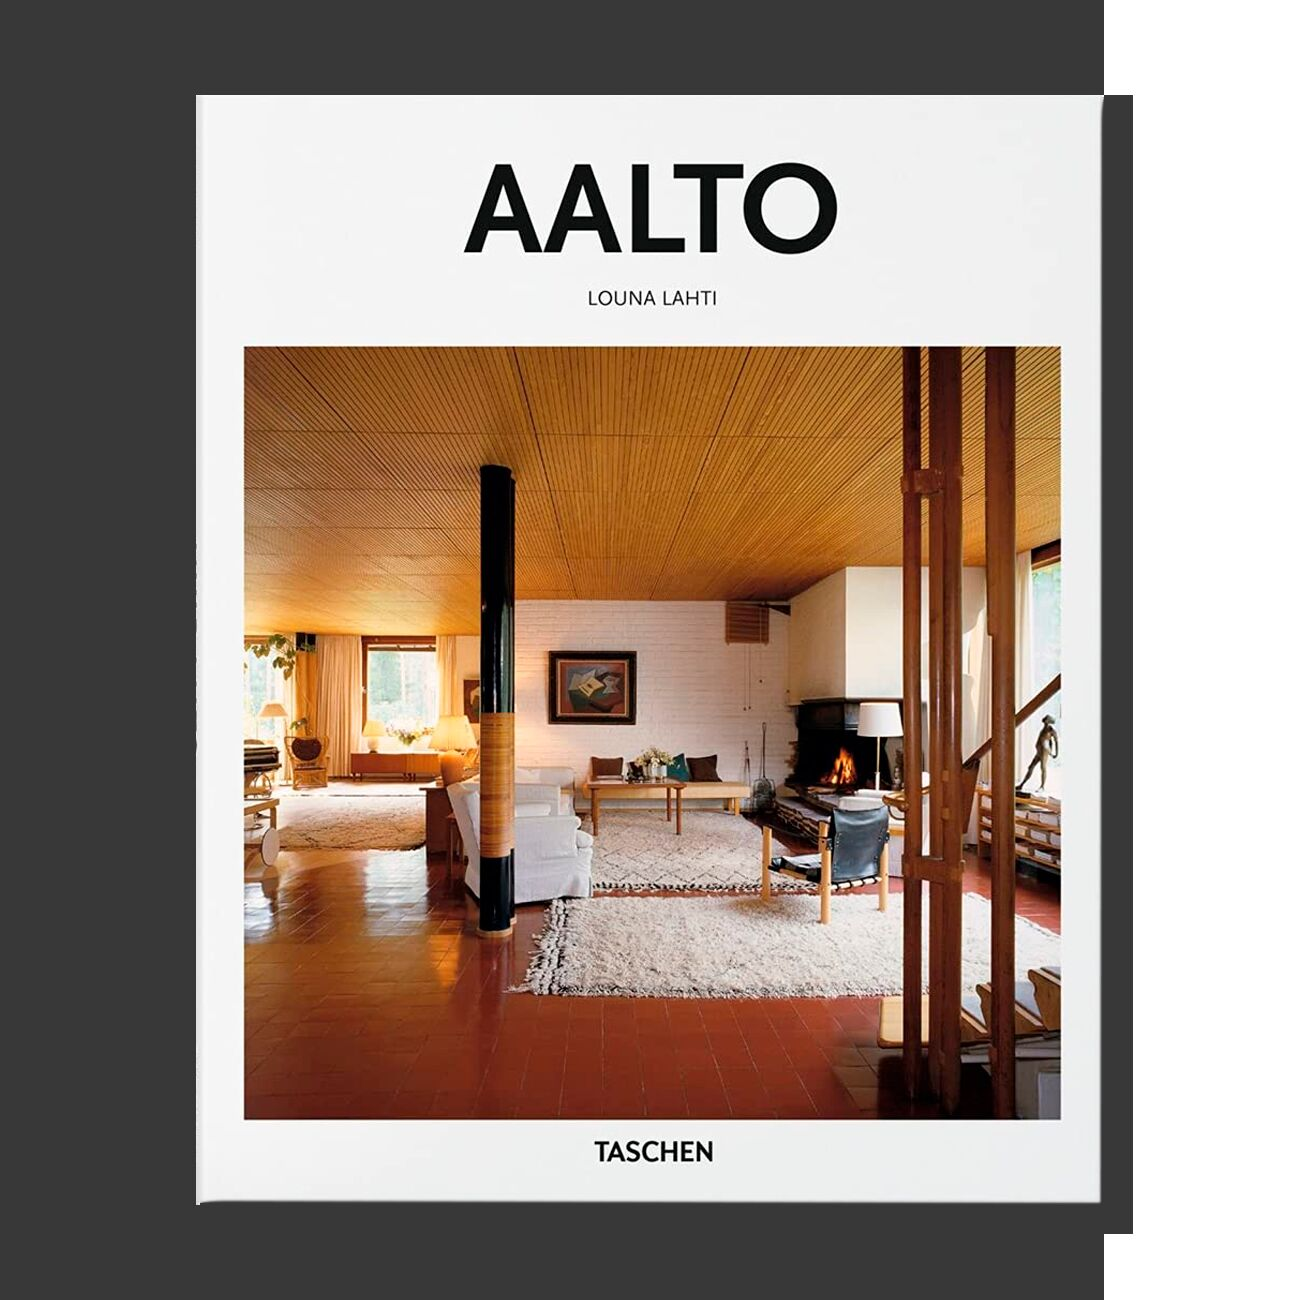 Aalto (Basic Art Series)